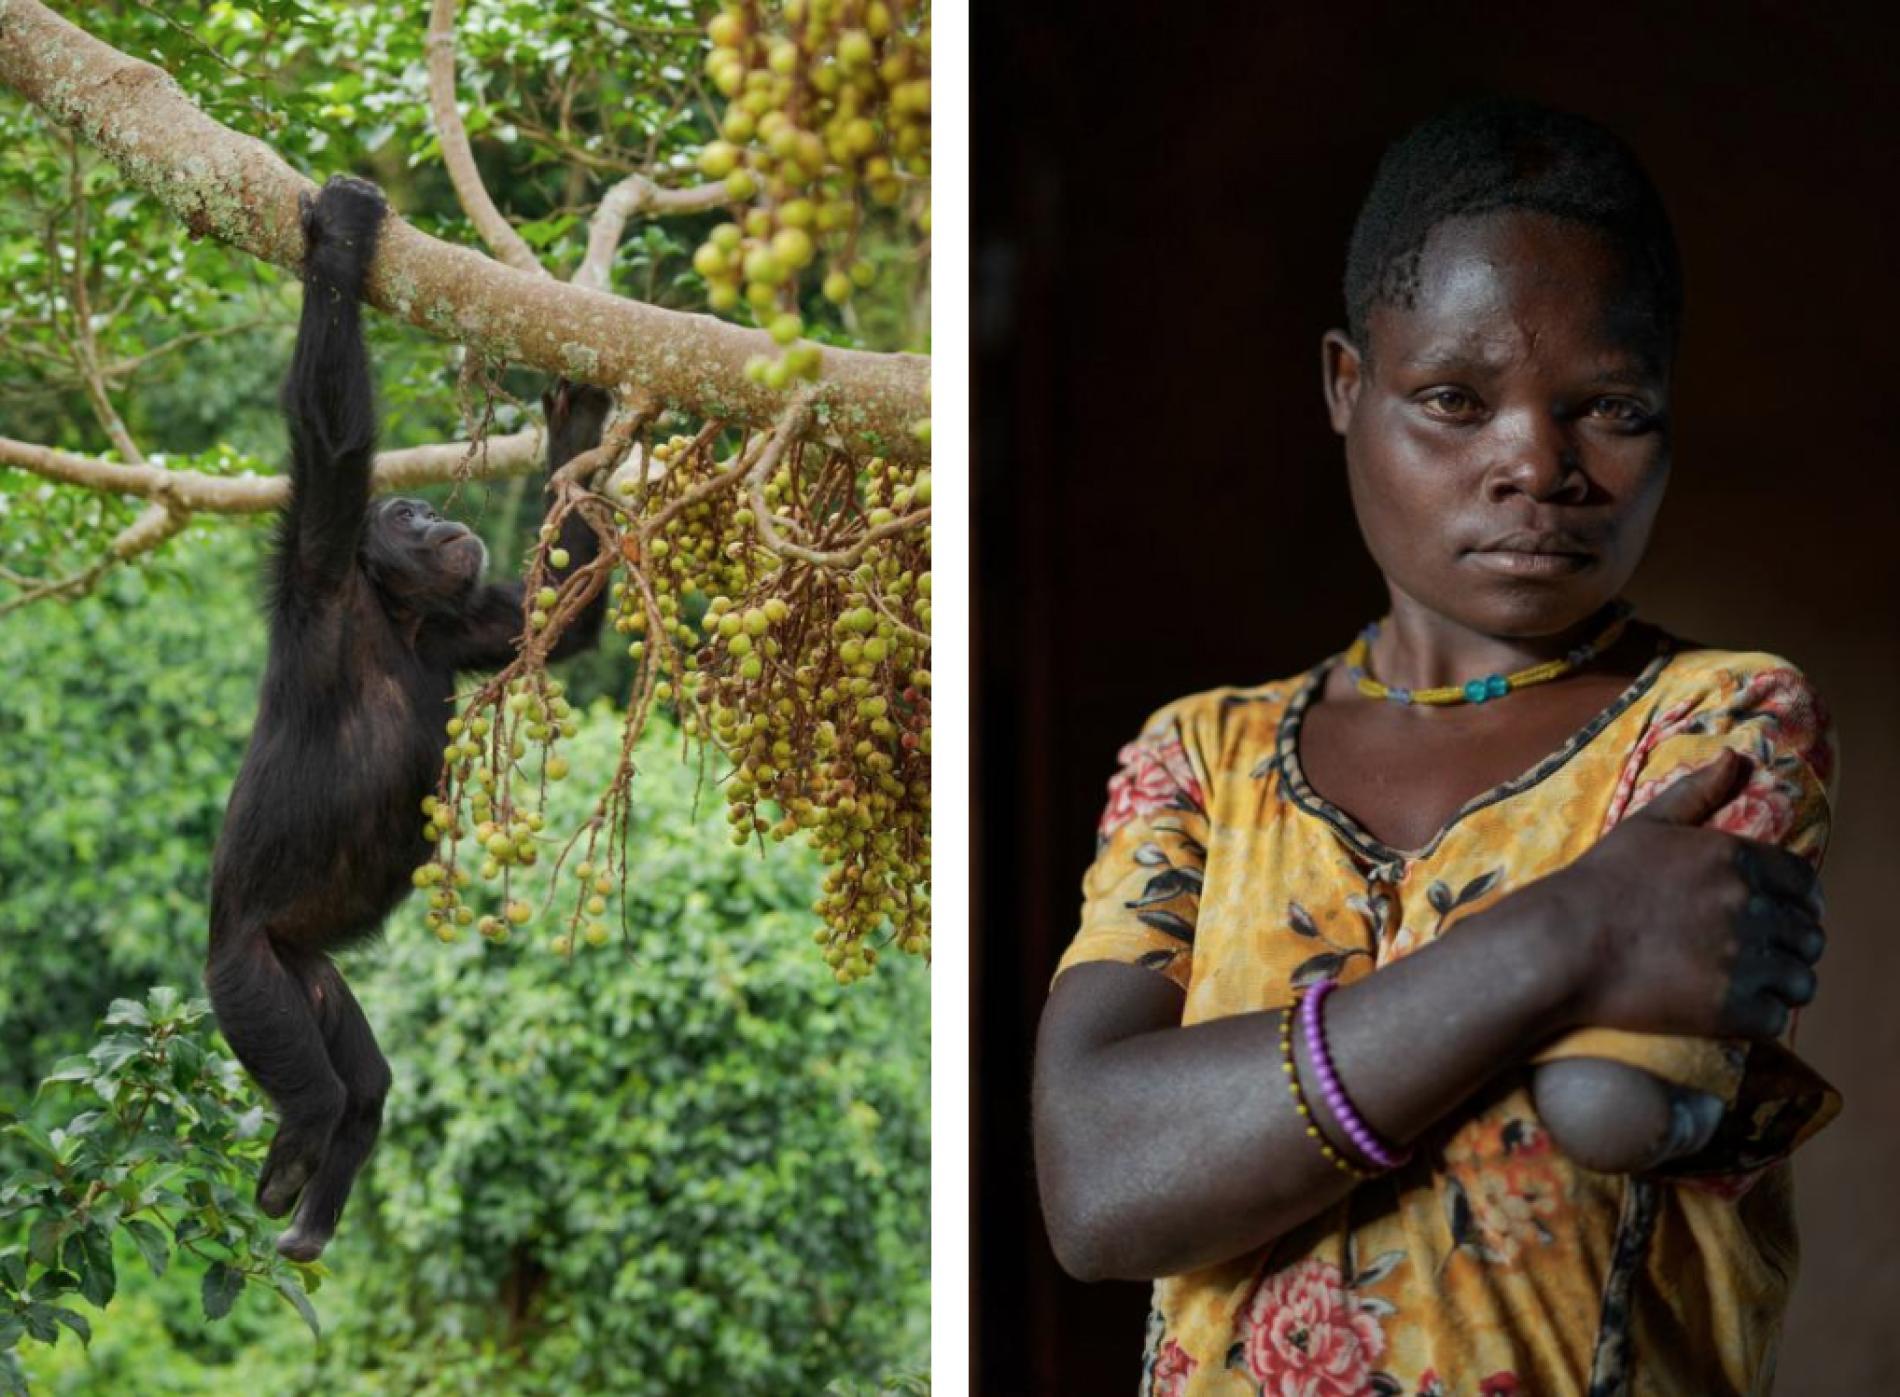 шимпанзе убийцы уганда отвратительные мужики